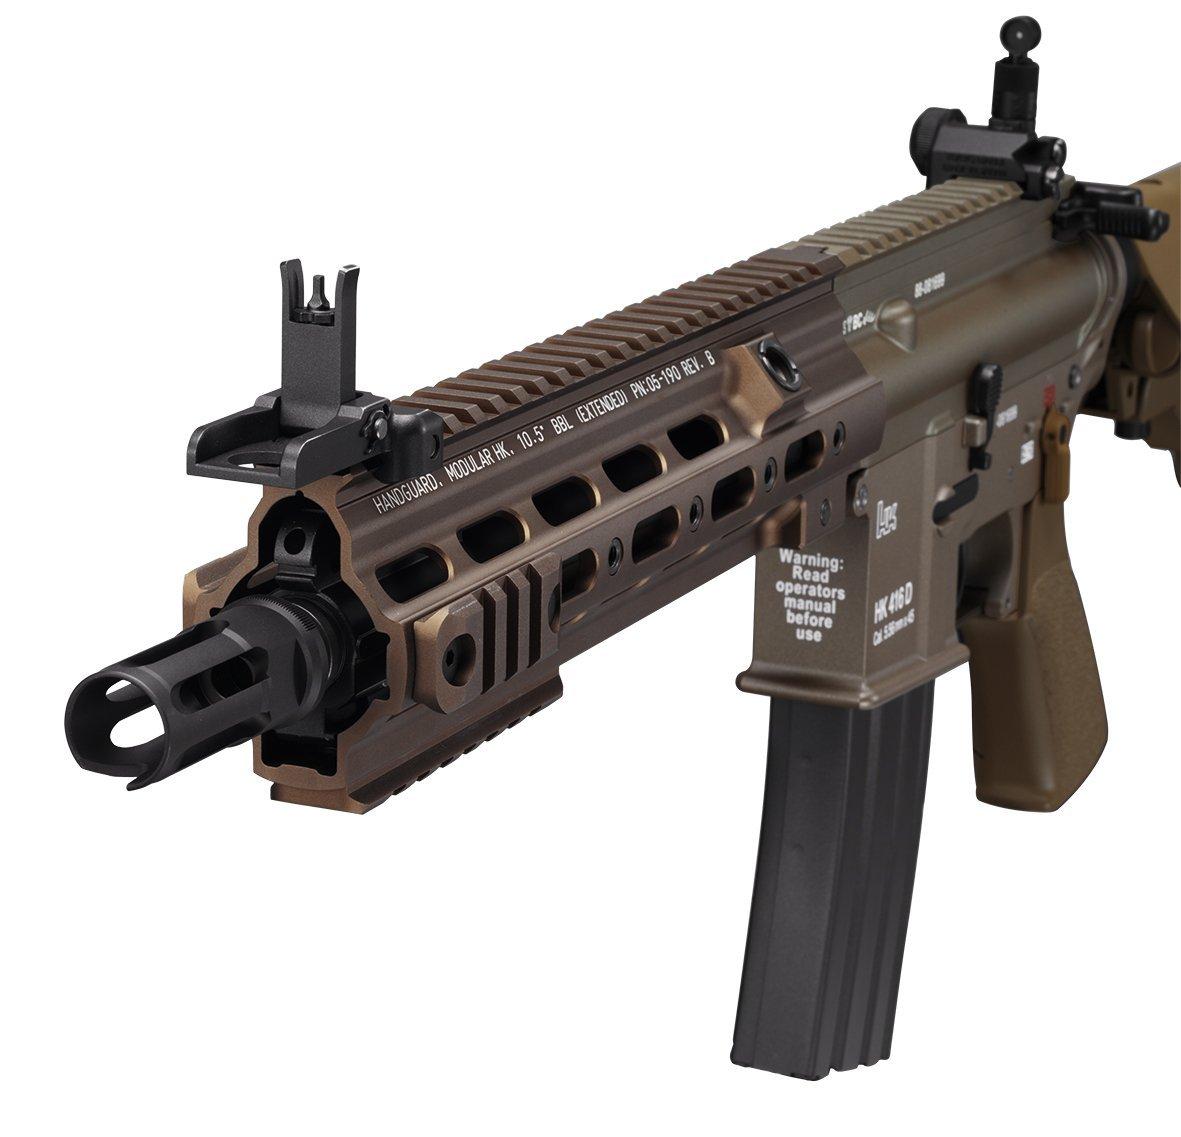 HK416カスタムモデル3